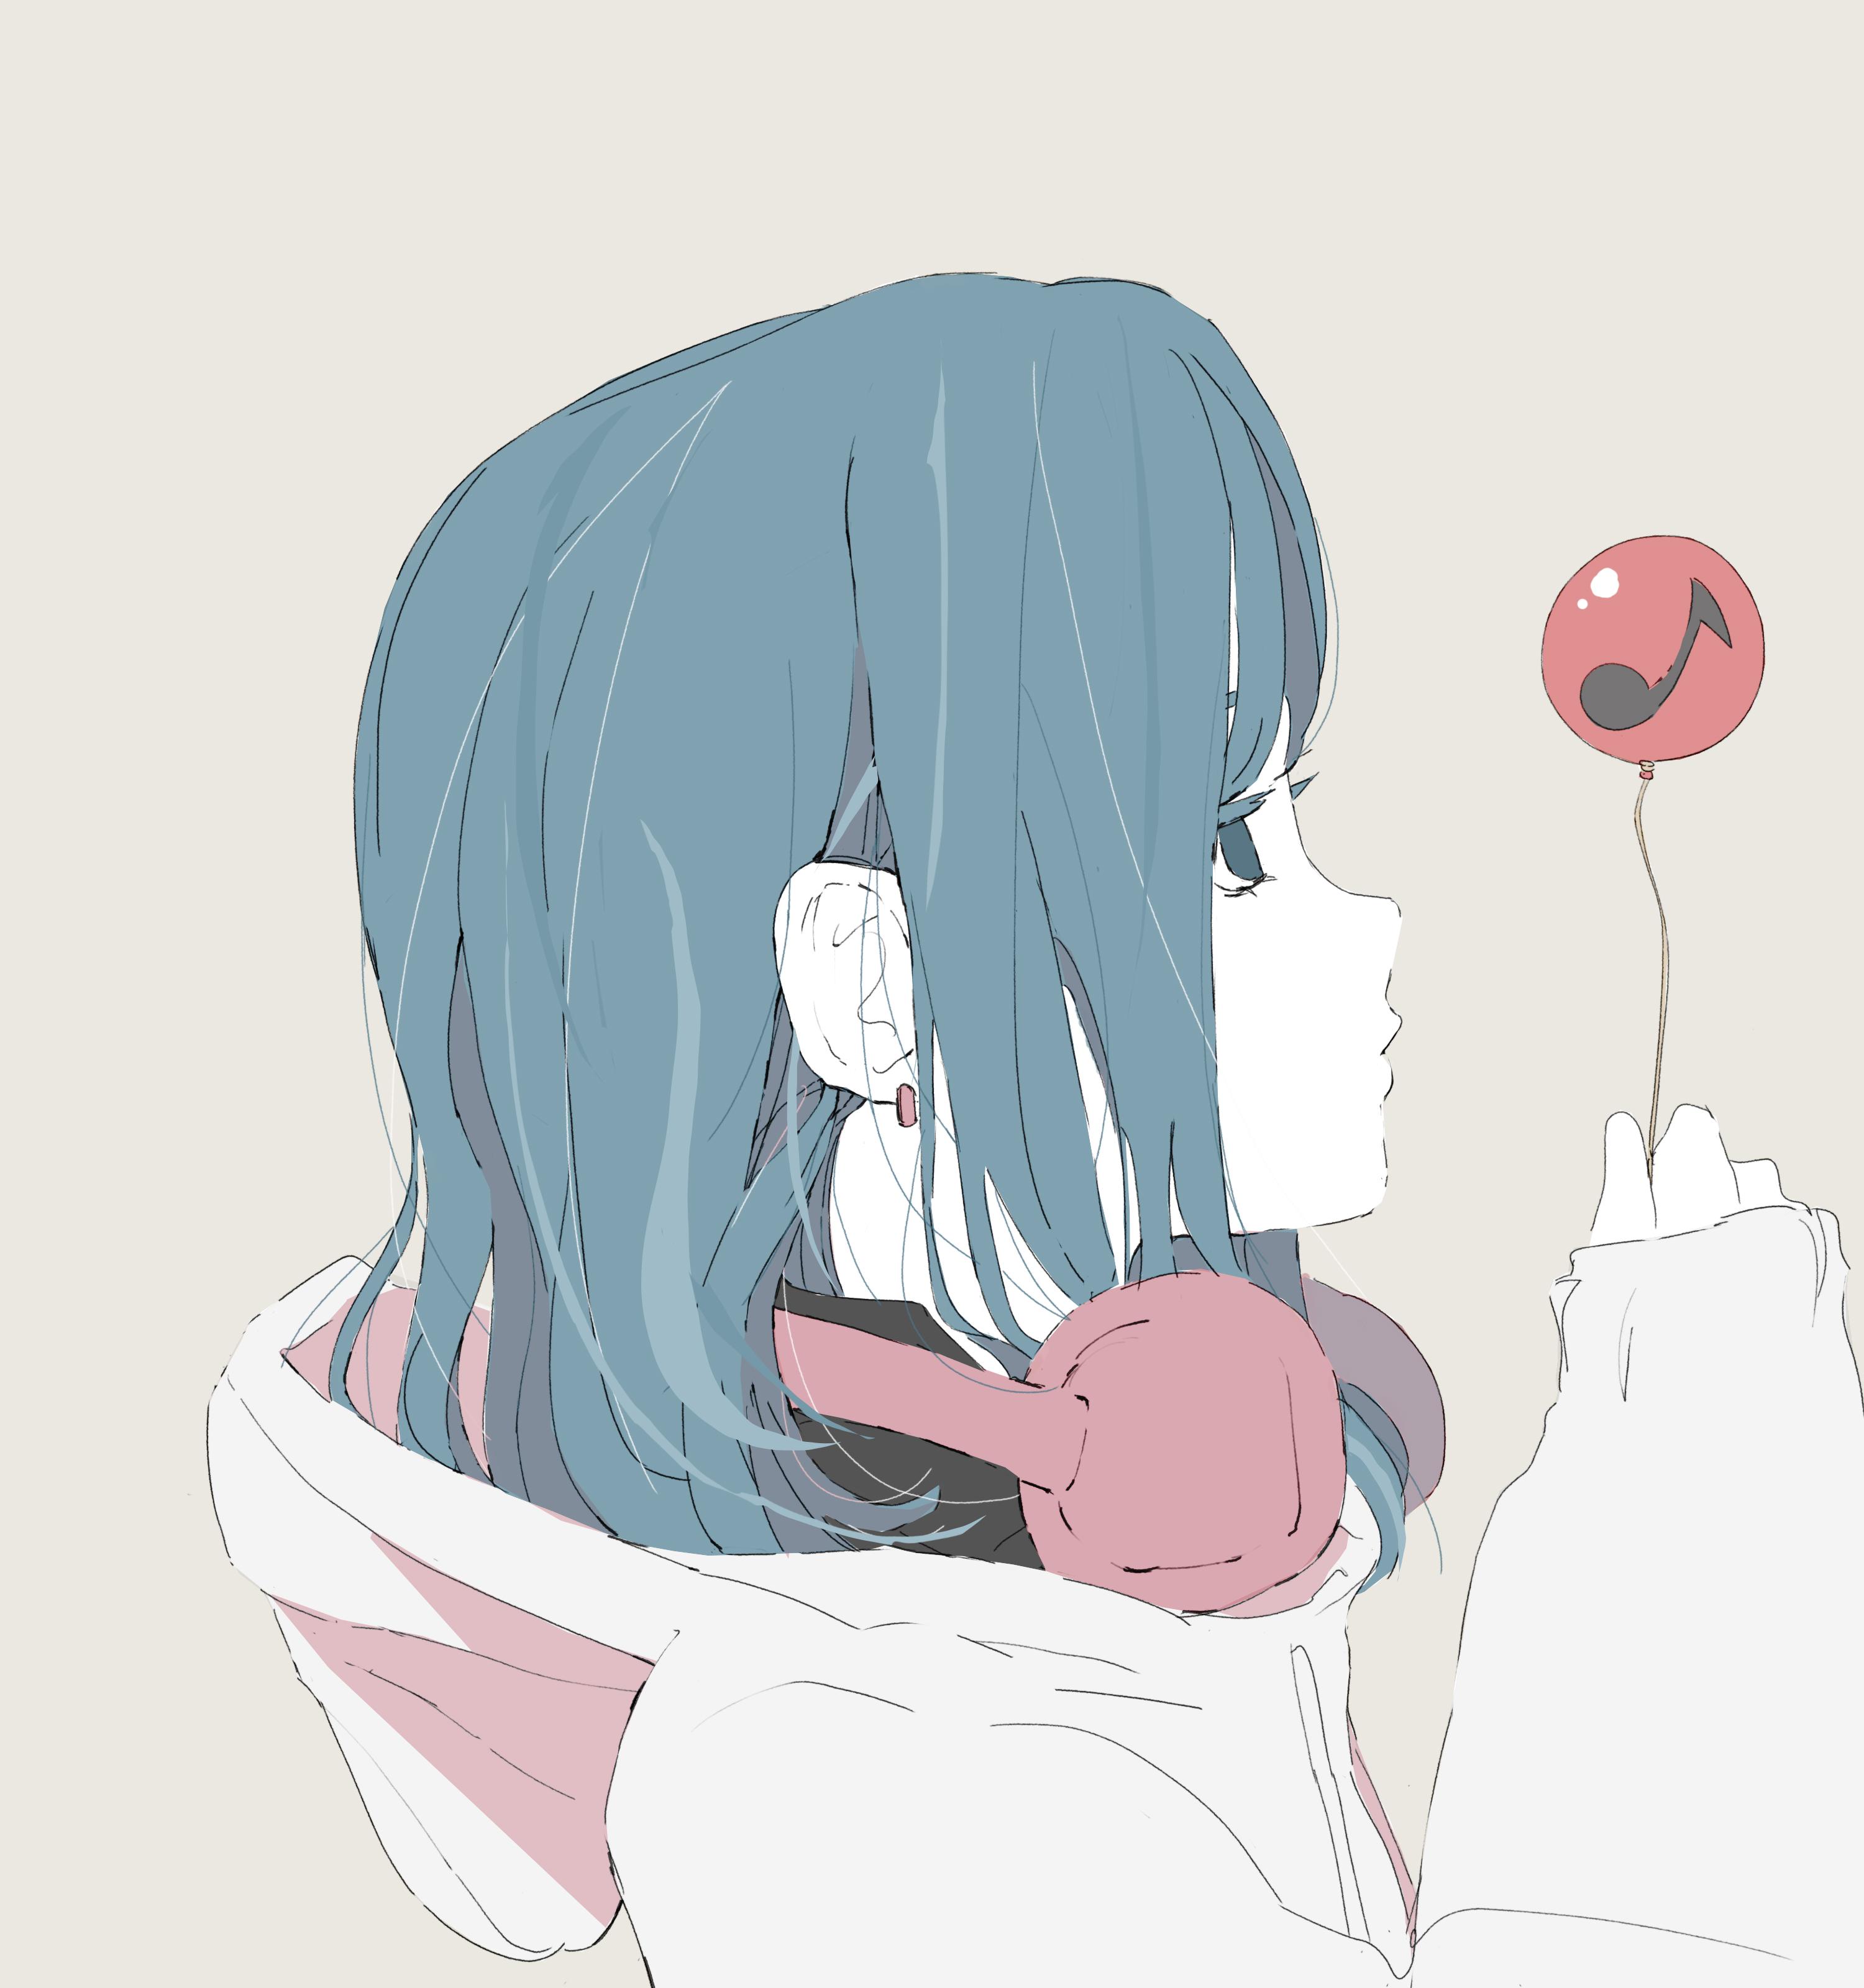 女の子 横顔 フリーイラスト